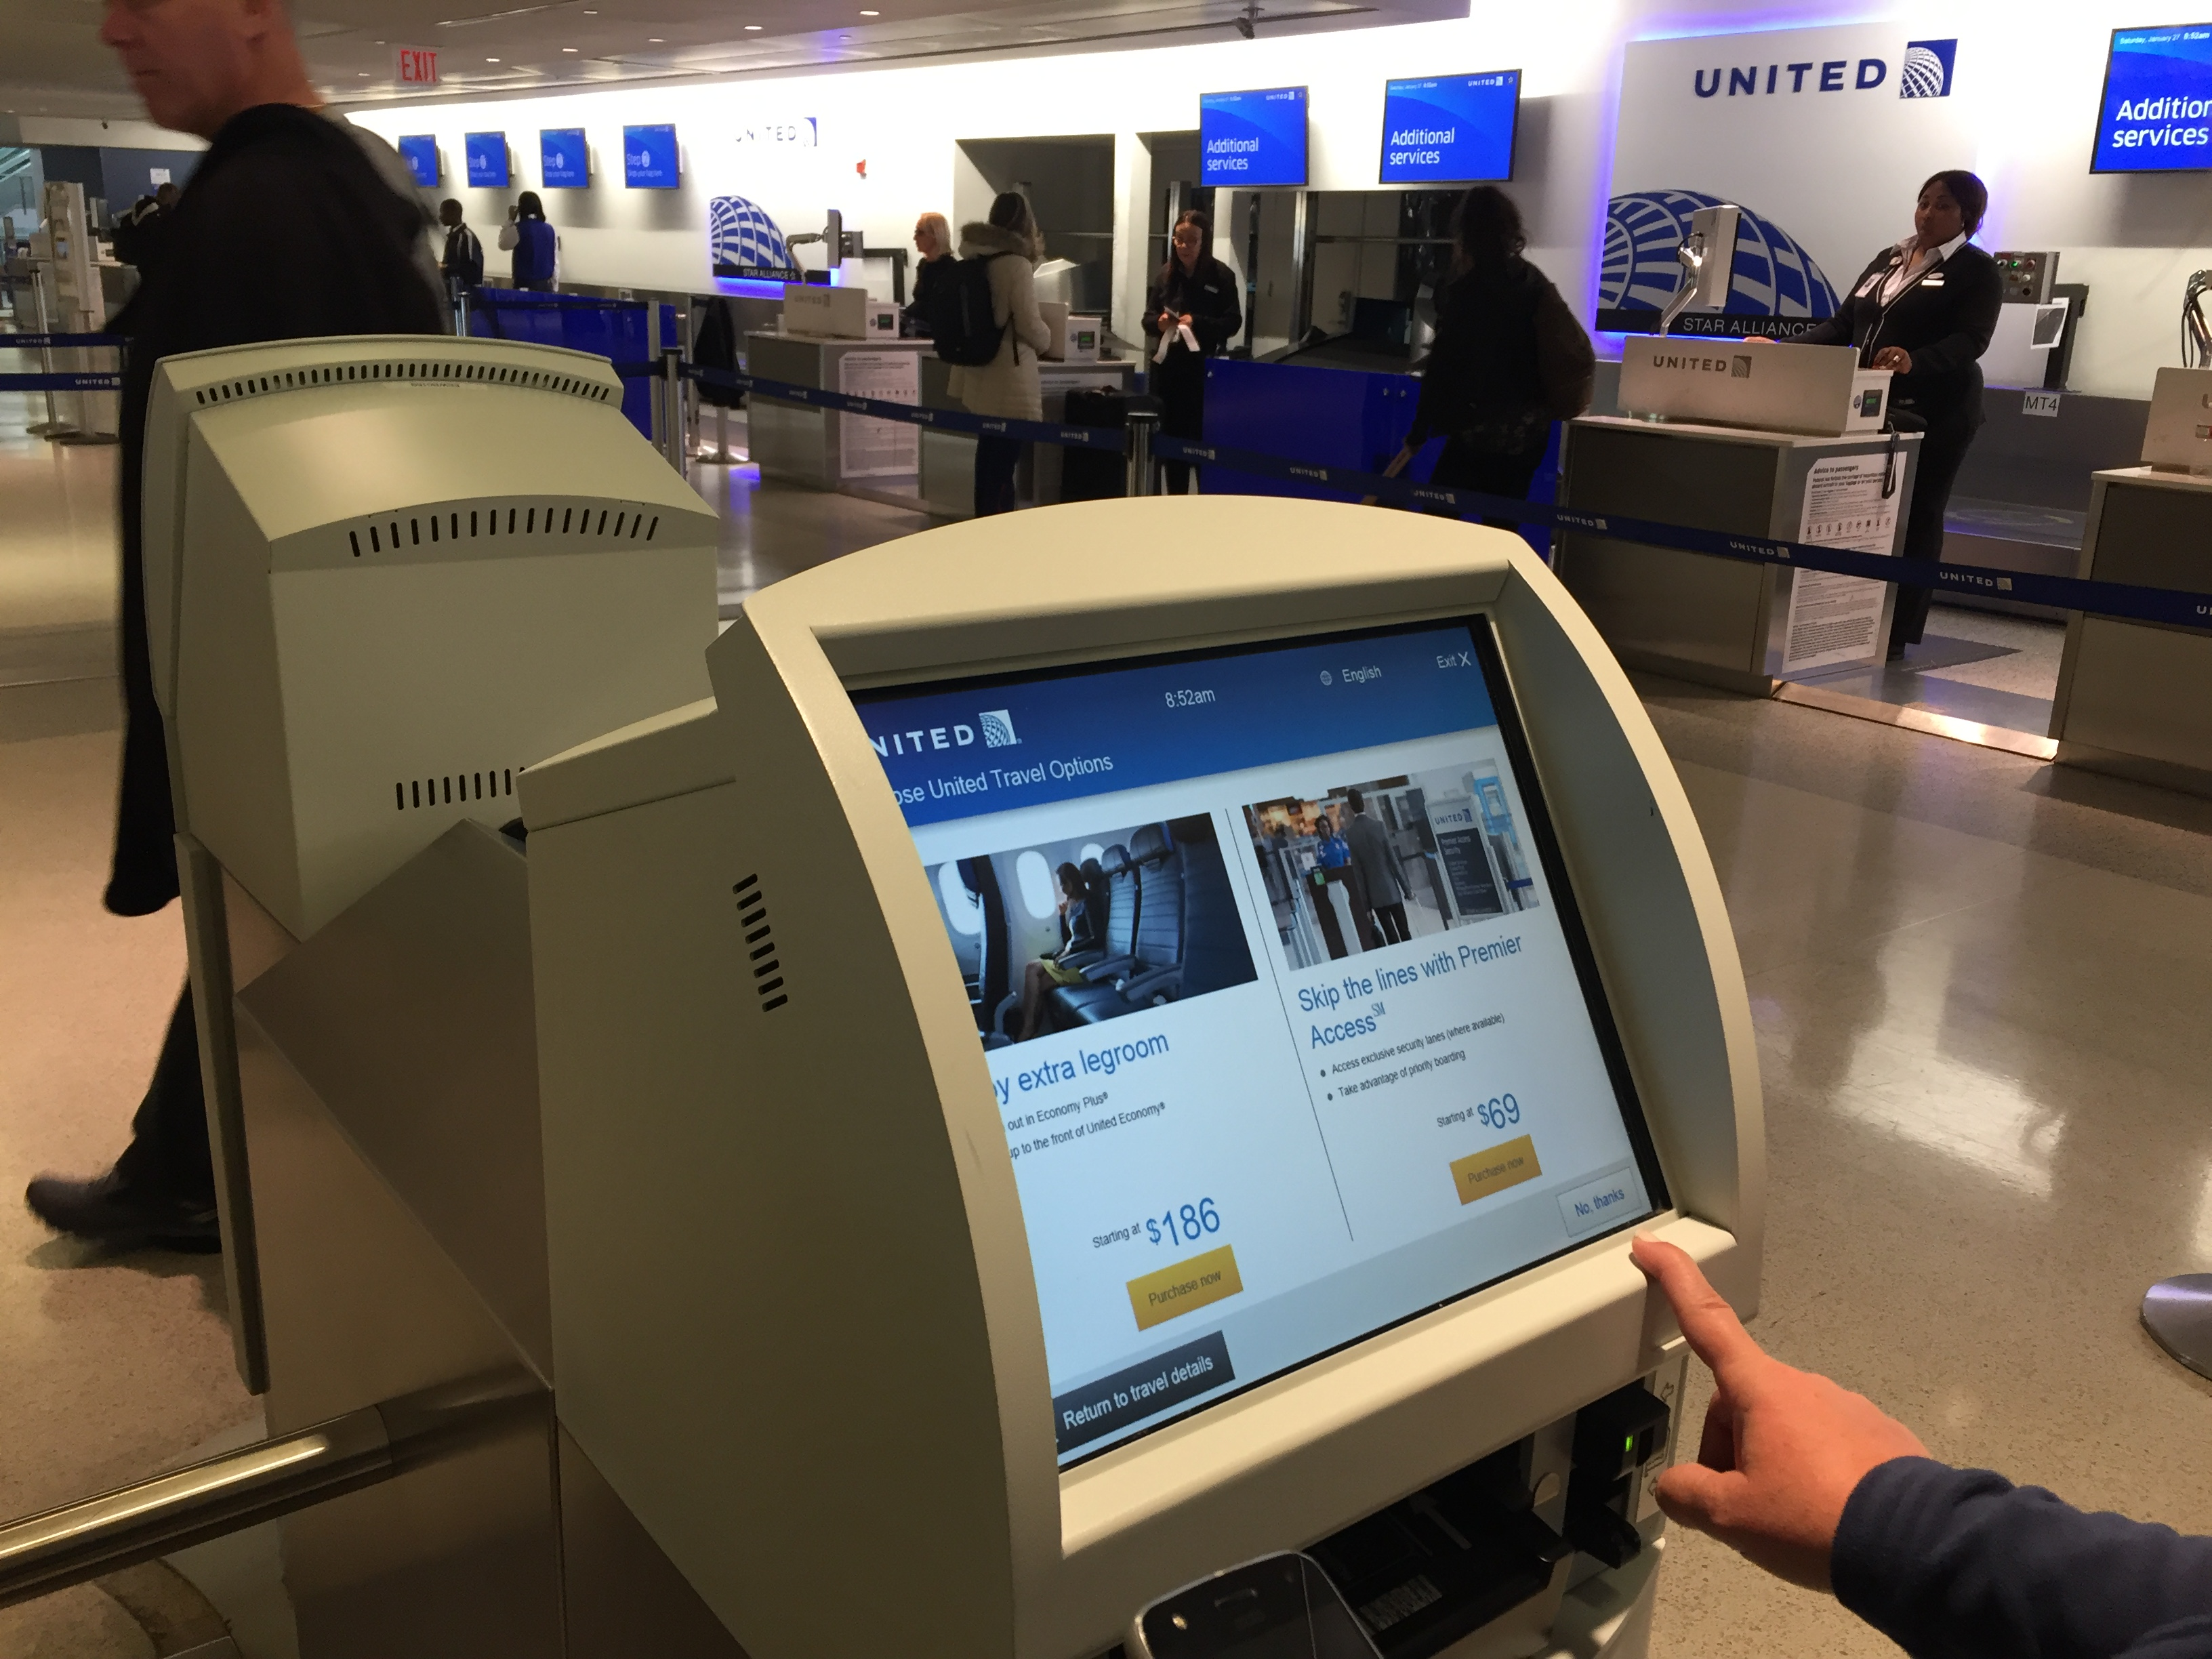 IMG 3572 - Haciendo el check in automático de United en Newark